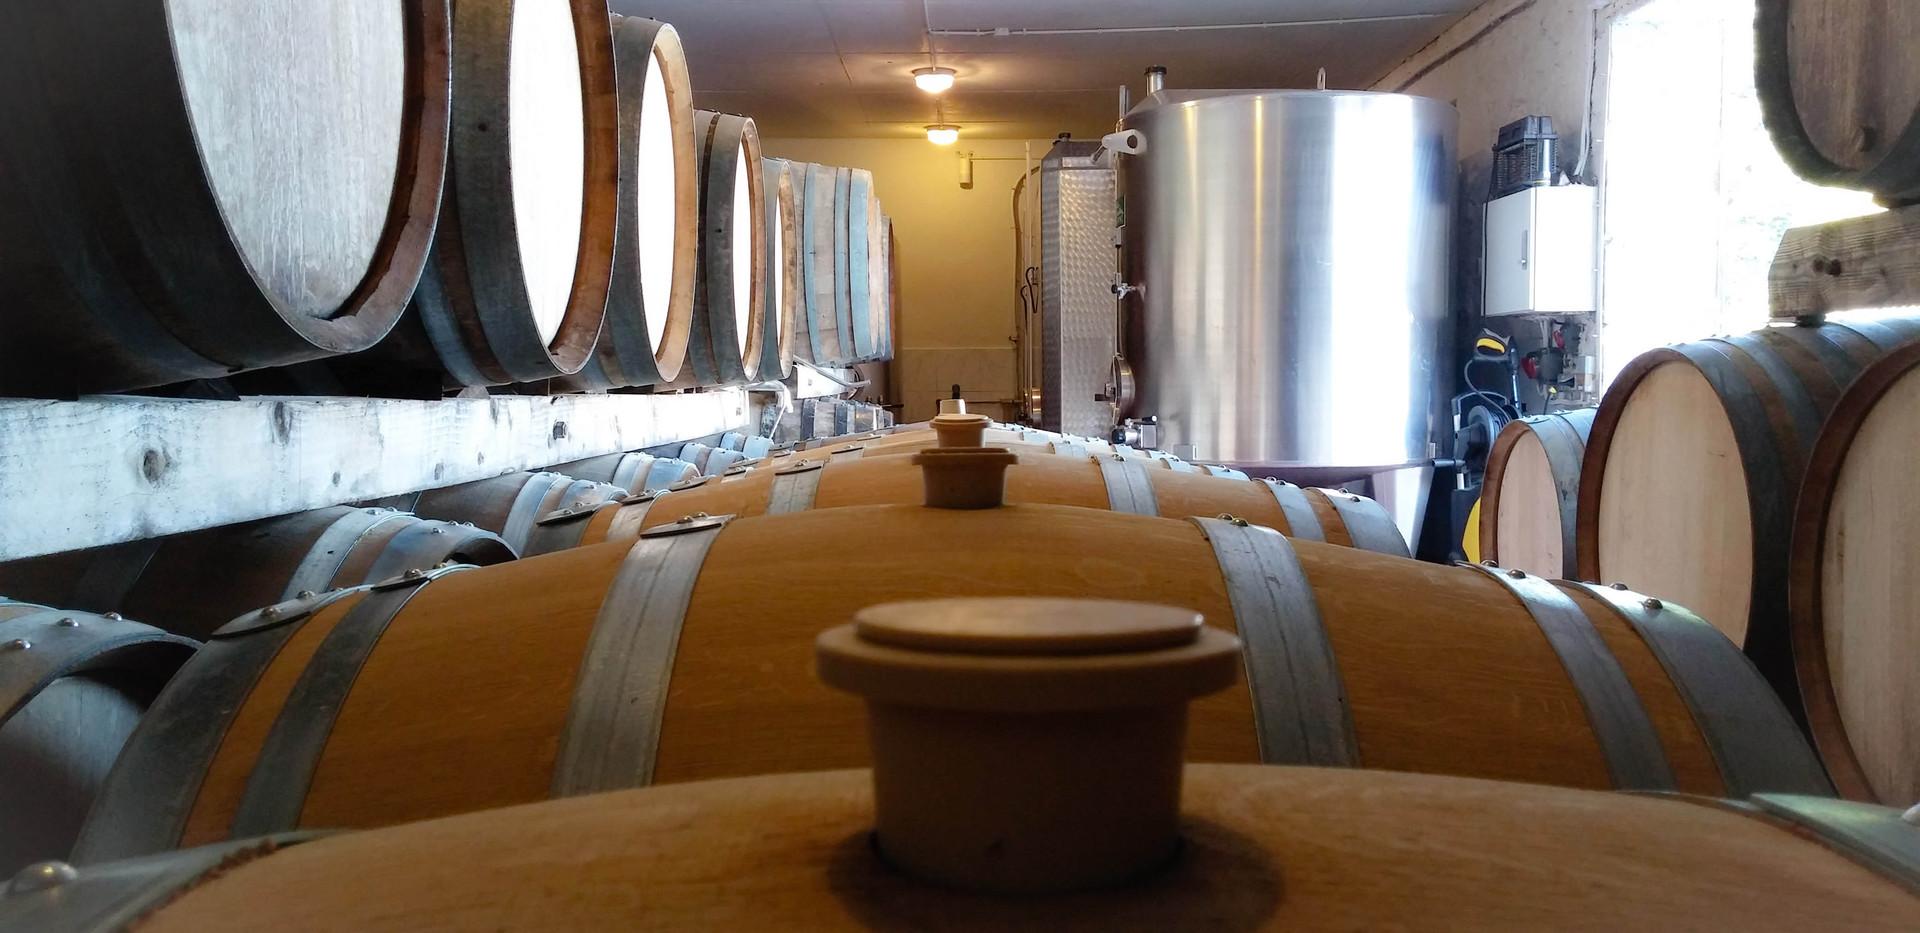 Futs in the cellar